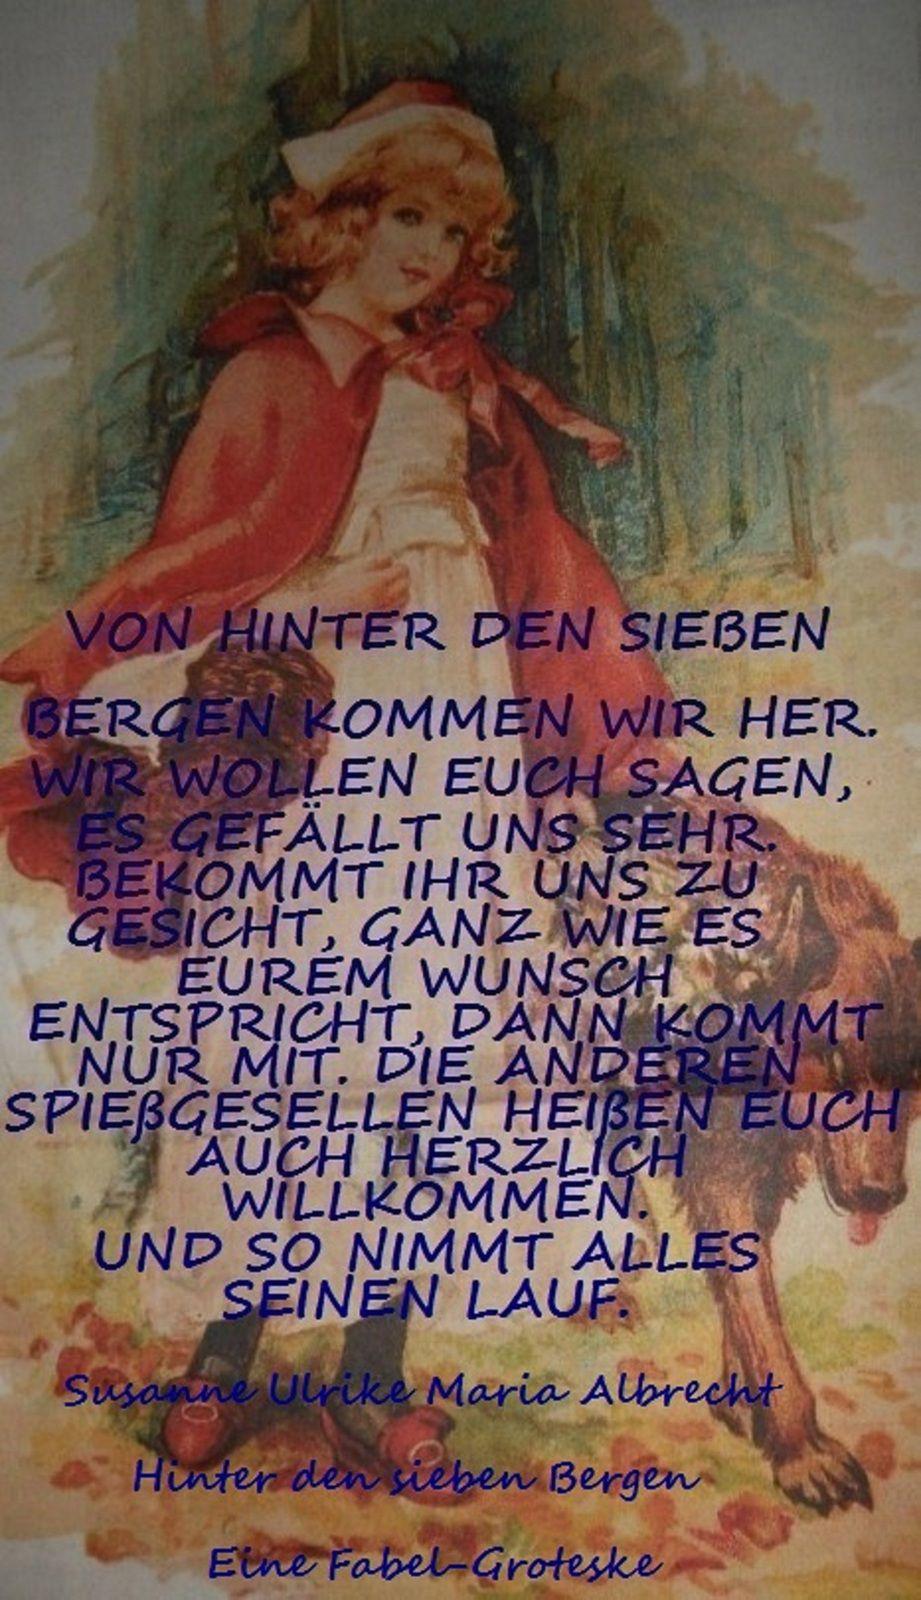 Die Prosa des wirklichen Lebens hängt sich bleischwer an die Phantasie. Johann Christoph Friederich Schiller